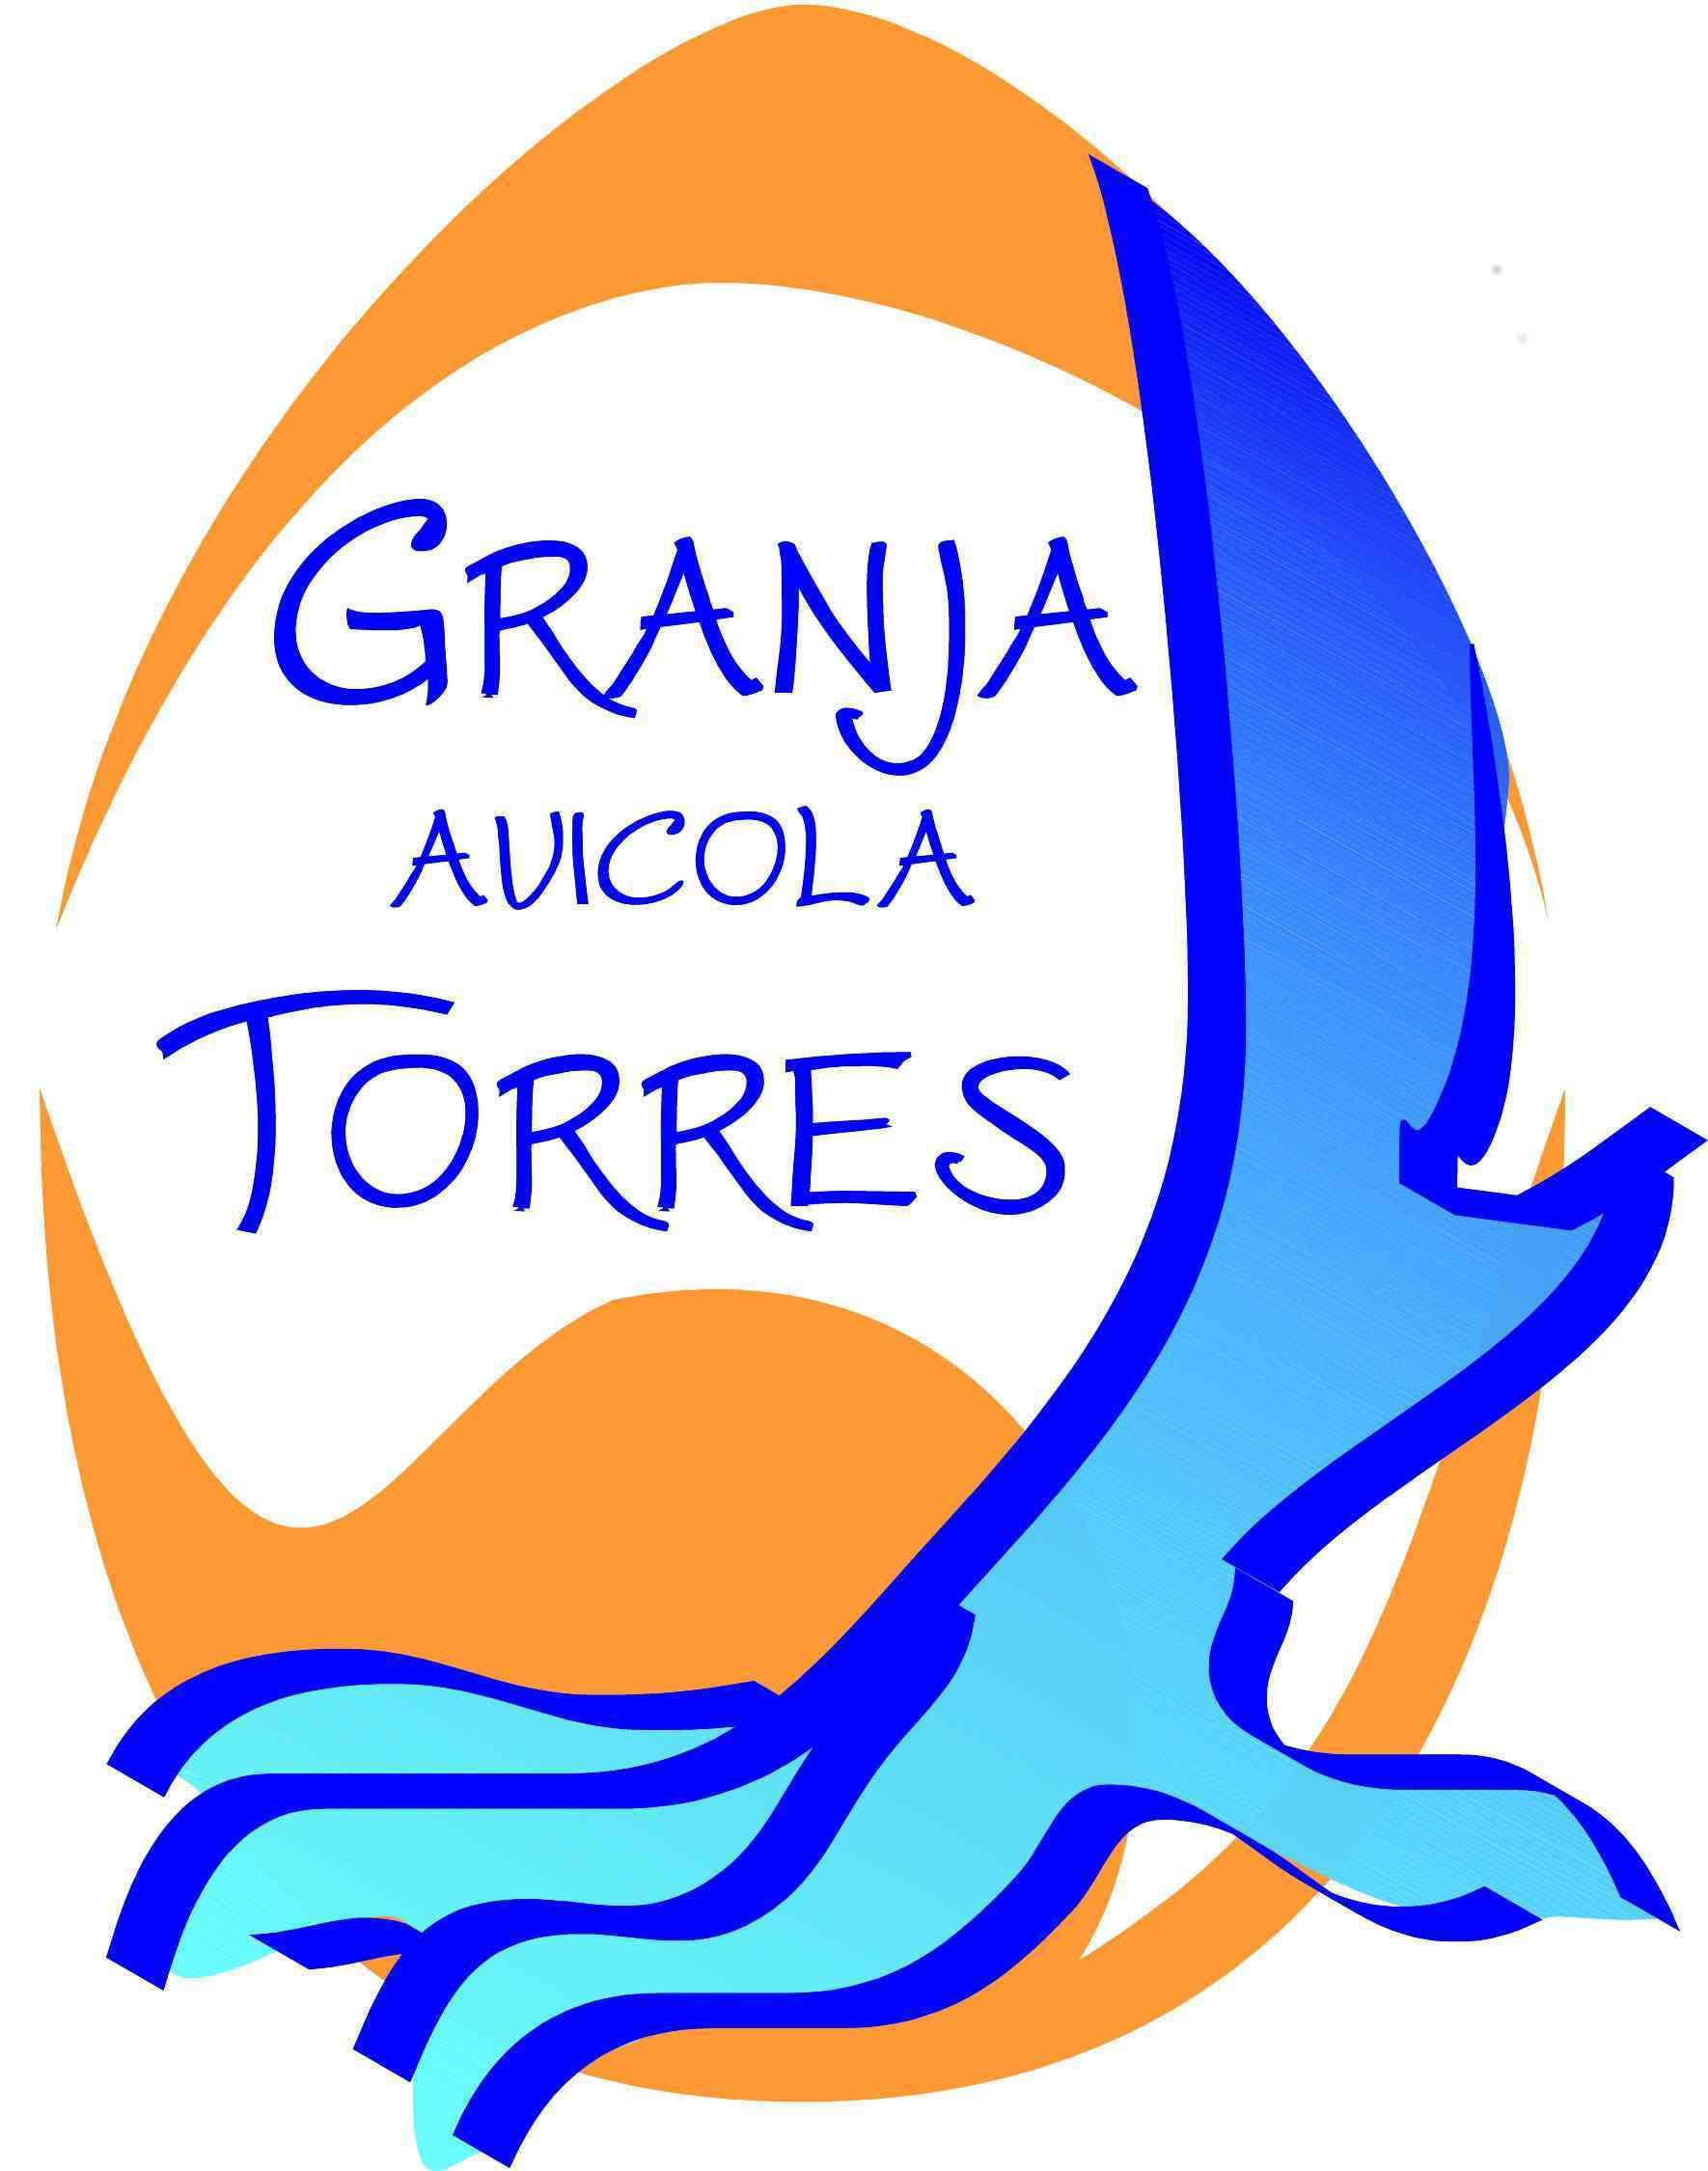 Granja Avicola Torres, S.L